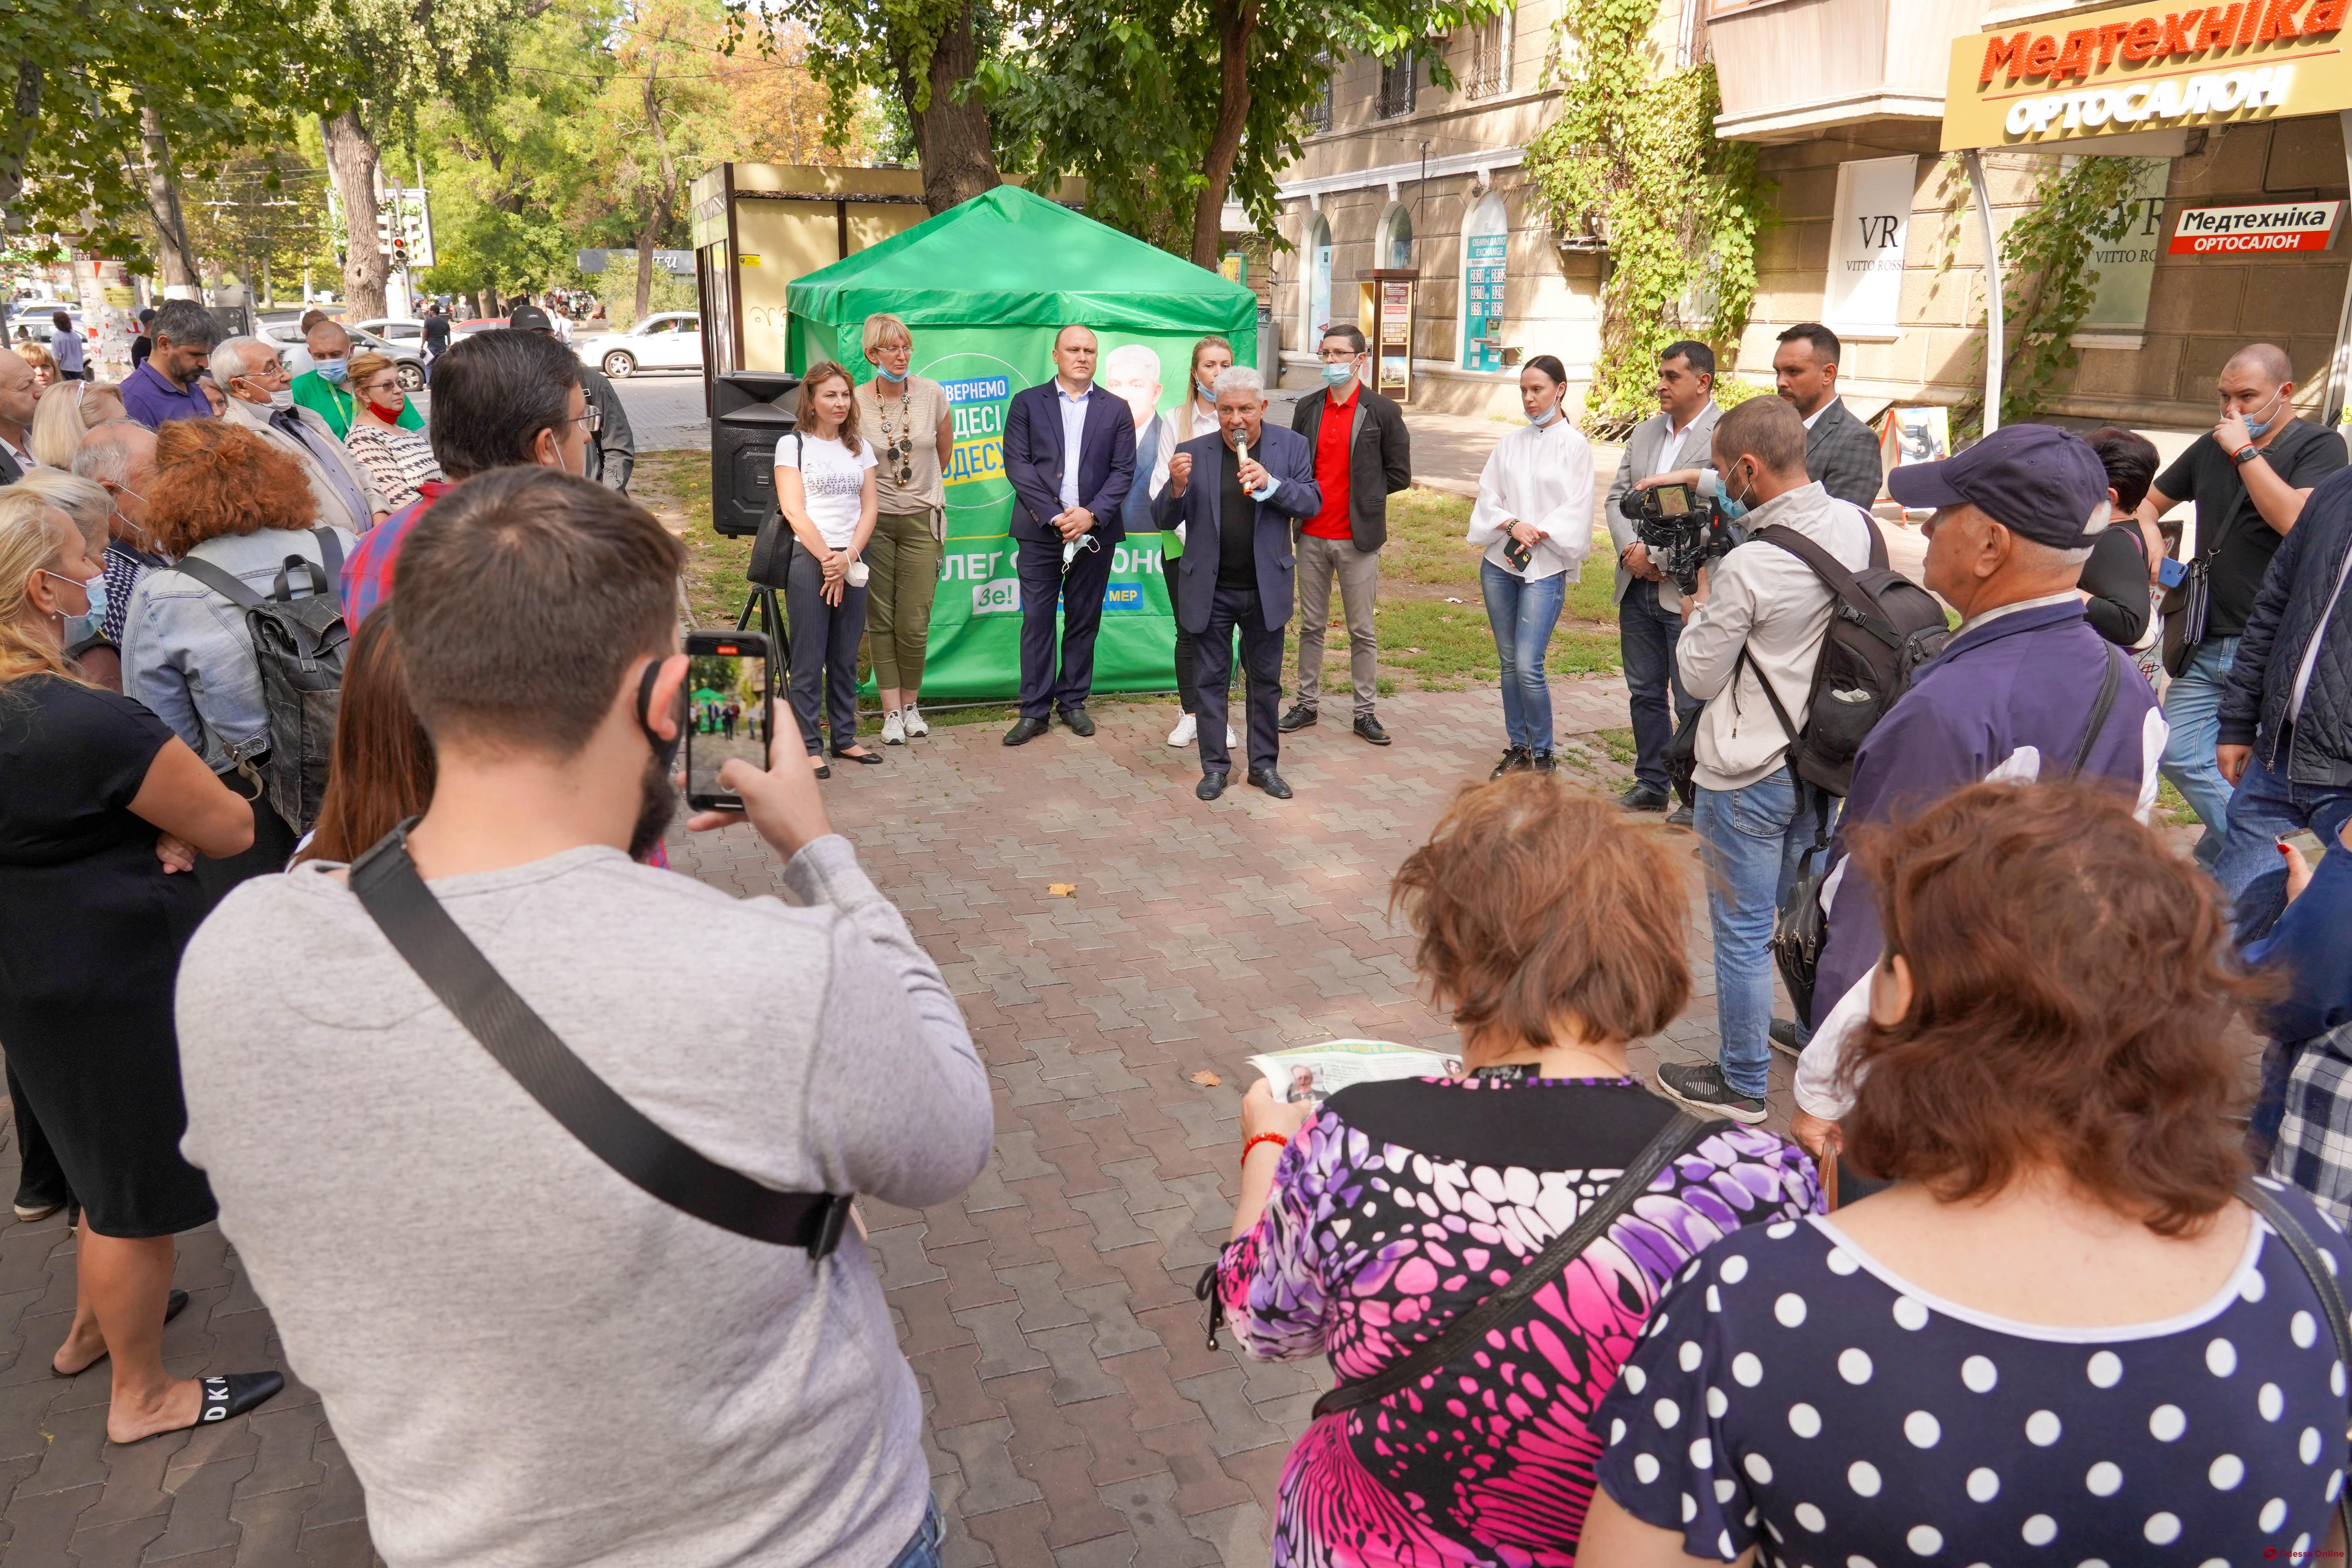 Олег Филимонов встретился с одесситами: больше всего люди жалуются на проблемы в сфере ЖКХ